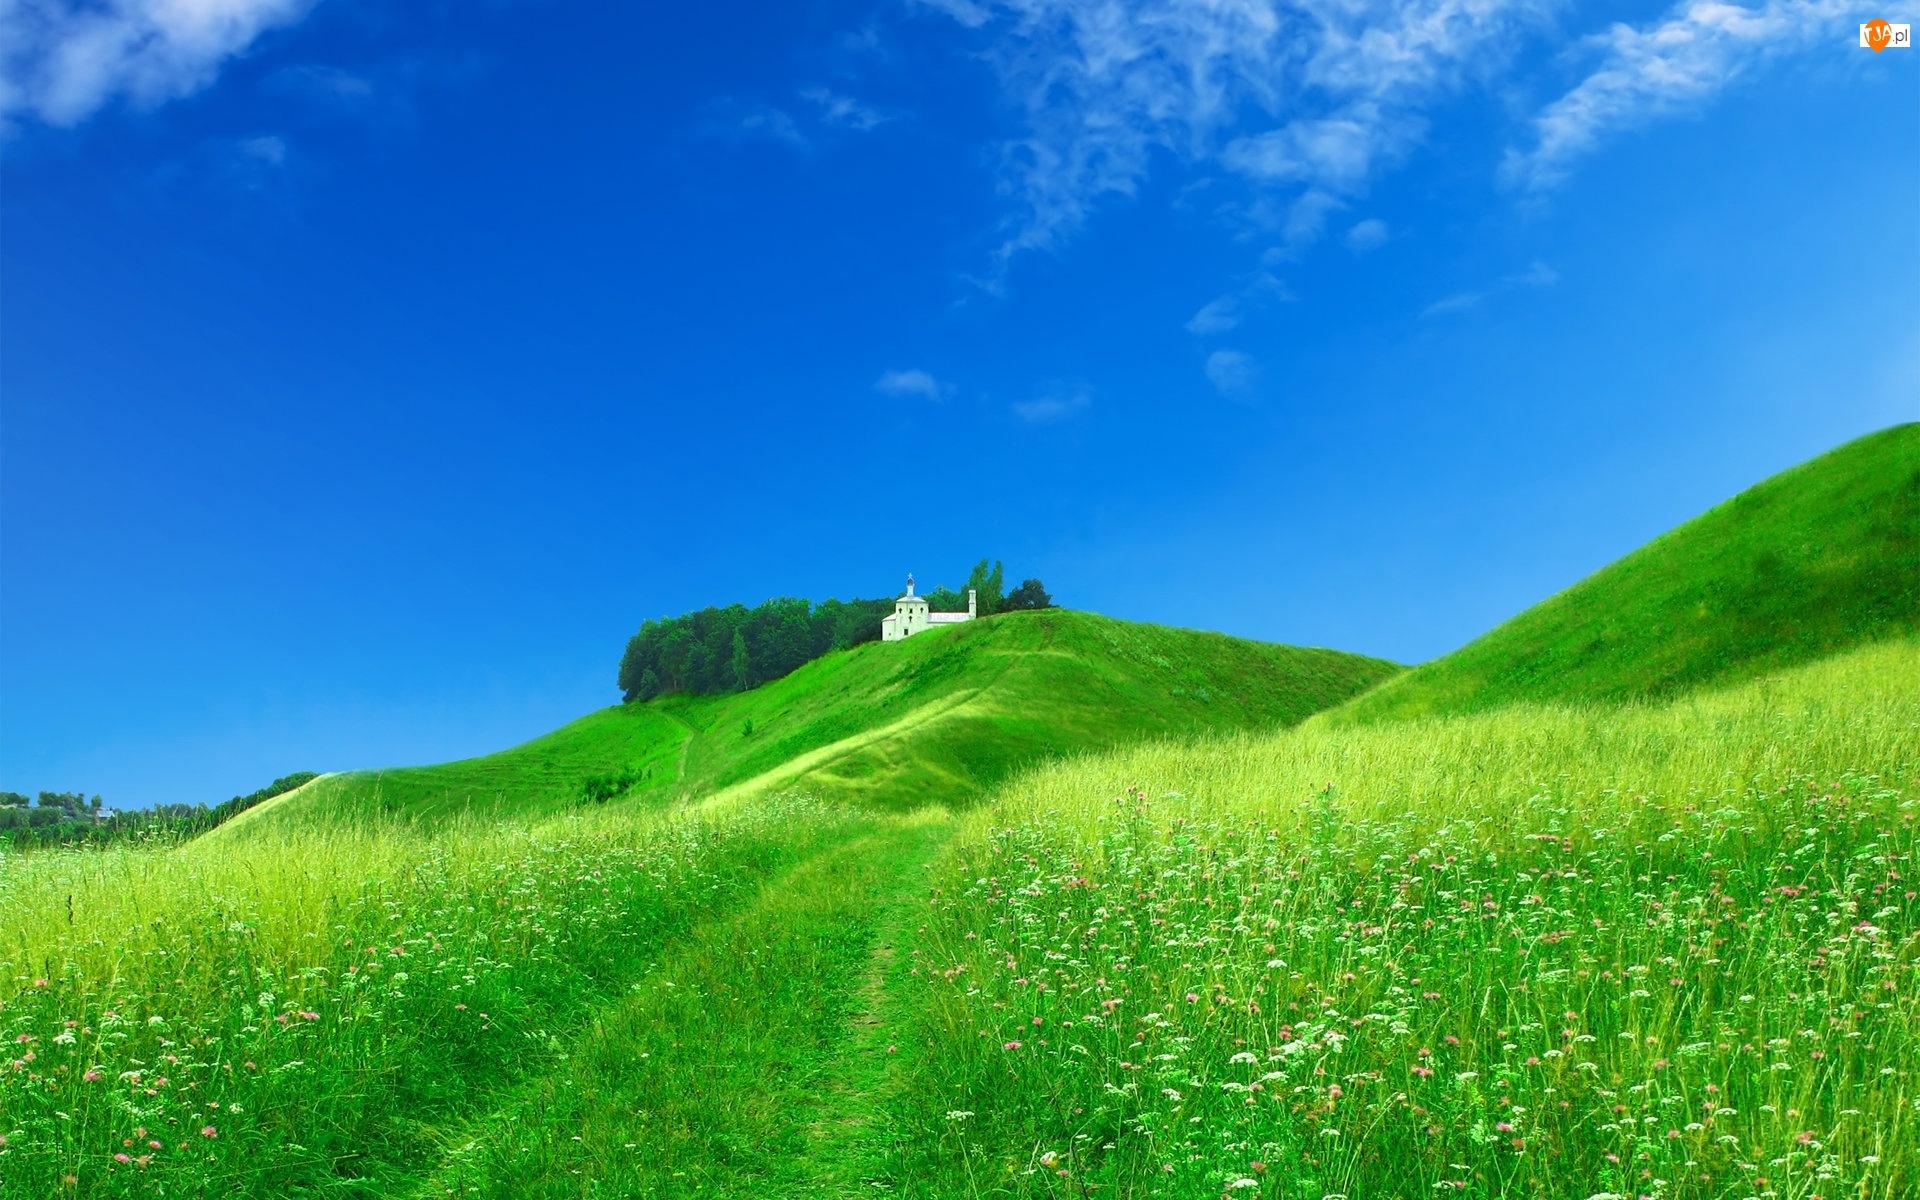 Pole, Domek, Zielona, Wzgórze, Trawa, Biały